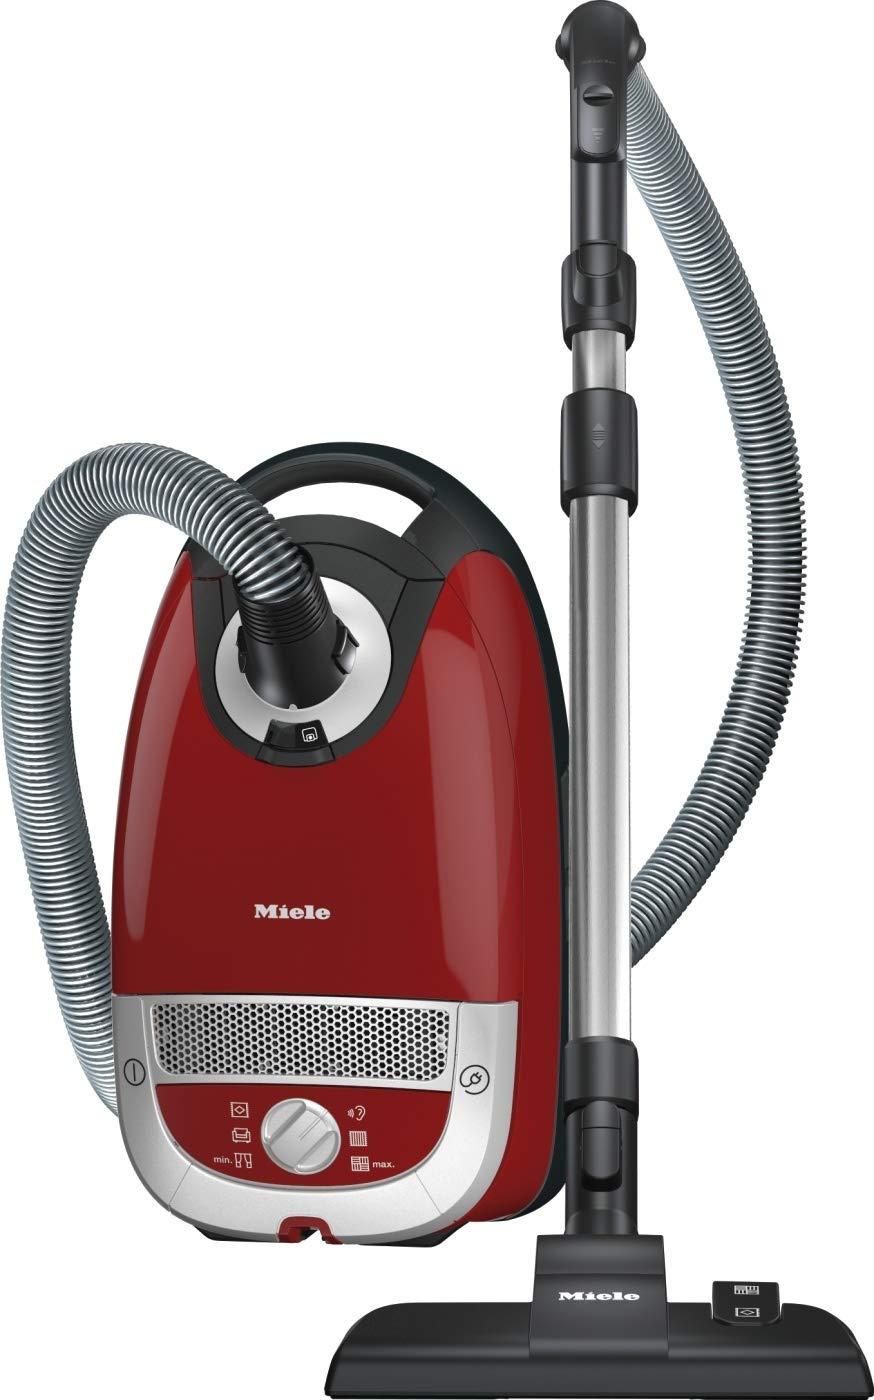 Acquisto Miele Complete C2 Tango Ecoline Aspirapolvere, 550 watts, 4.5 litri, 79 decibels, Rosso Mango Prezzo offerta